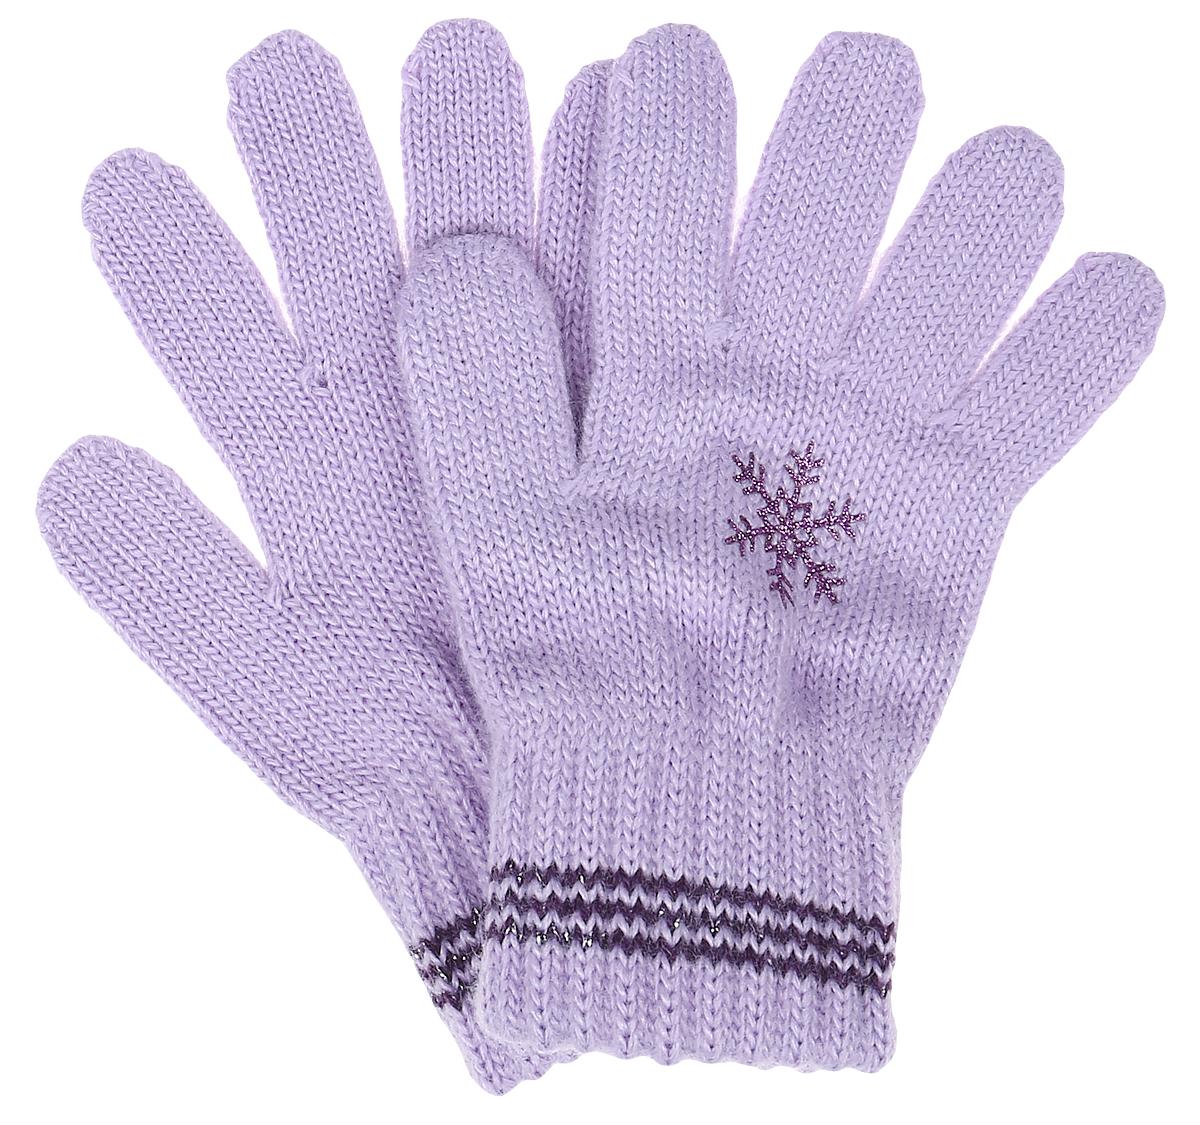 Перчатки детскиеTunsel-22Уютные перчатки для девочки Margot Bis Tunsel идеально подойдут для прогулок в прохладное время года. Изготовленные из высококачественного акрила, очень мягкие и приятные на ощупь и хорошо сохраняют тепло. Стильные перчатки украшены стильным принтом. Верх модели на мягкой резинке, которая не стягивает запястья и надежно фиксирует перчатки на ручках ребенка.